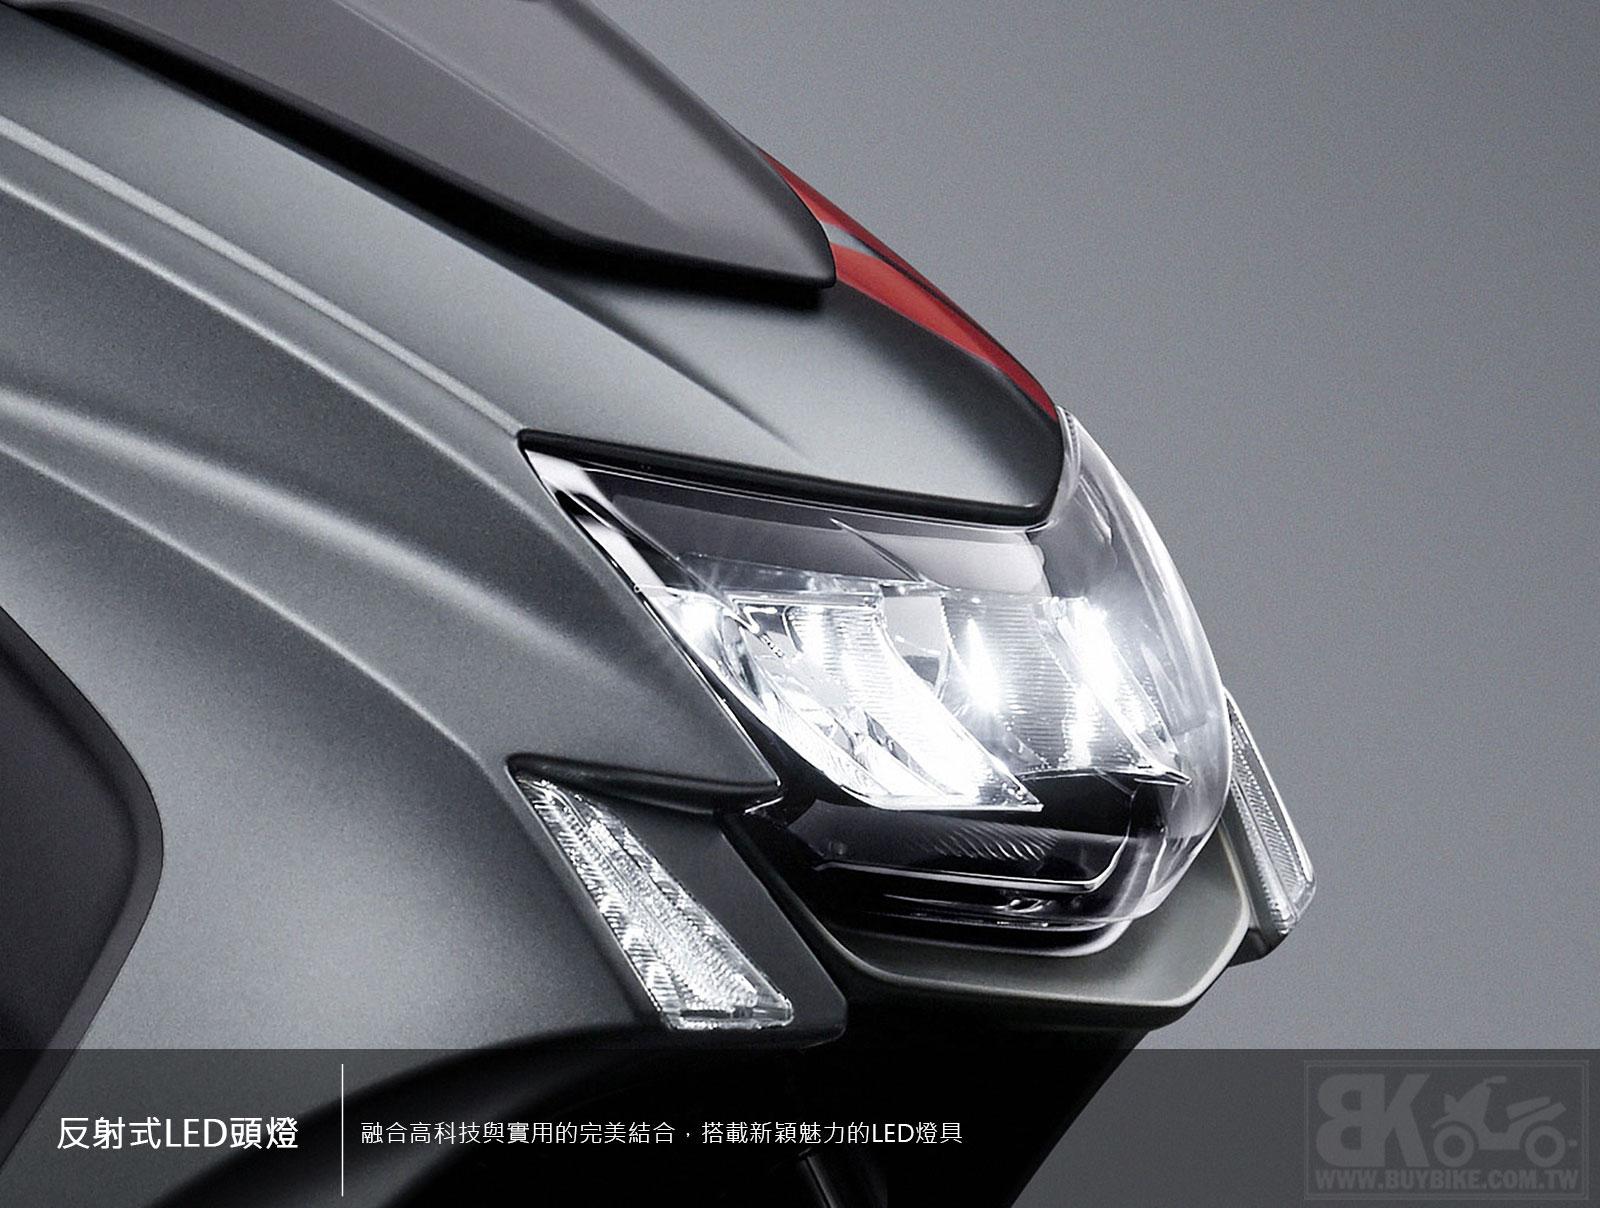 02.反射式LED頭燈